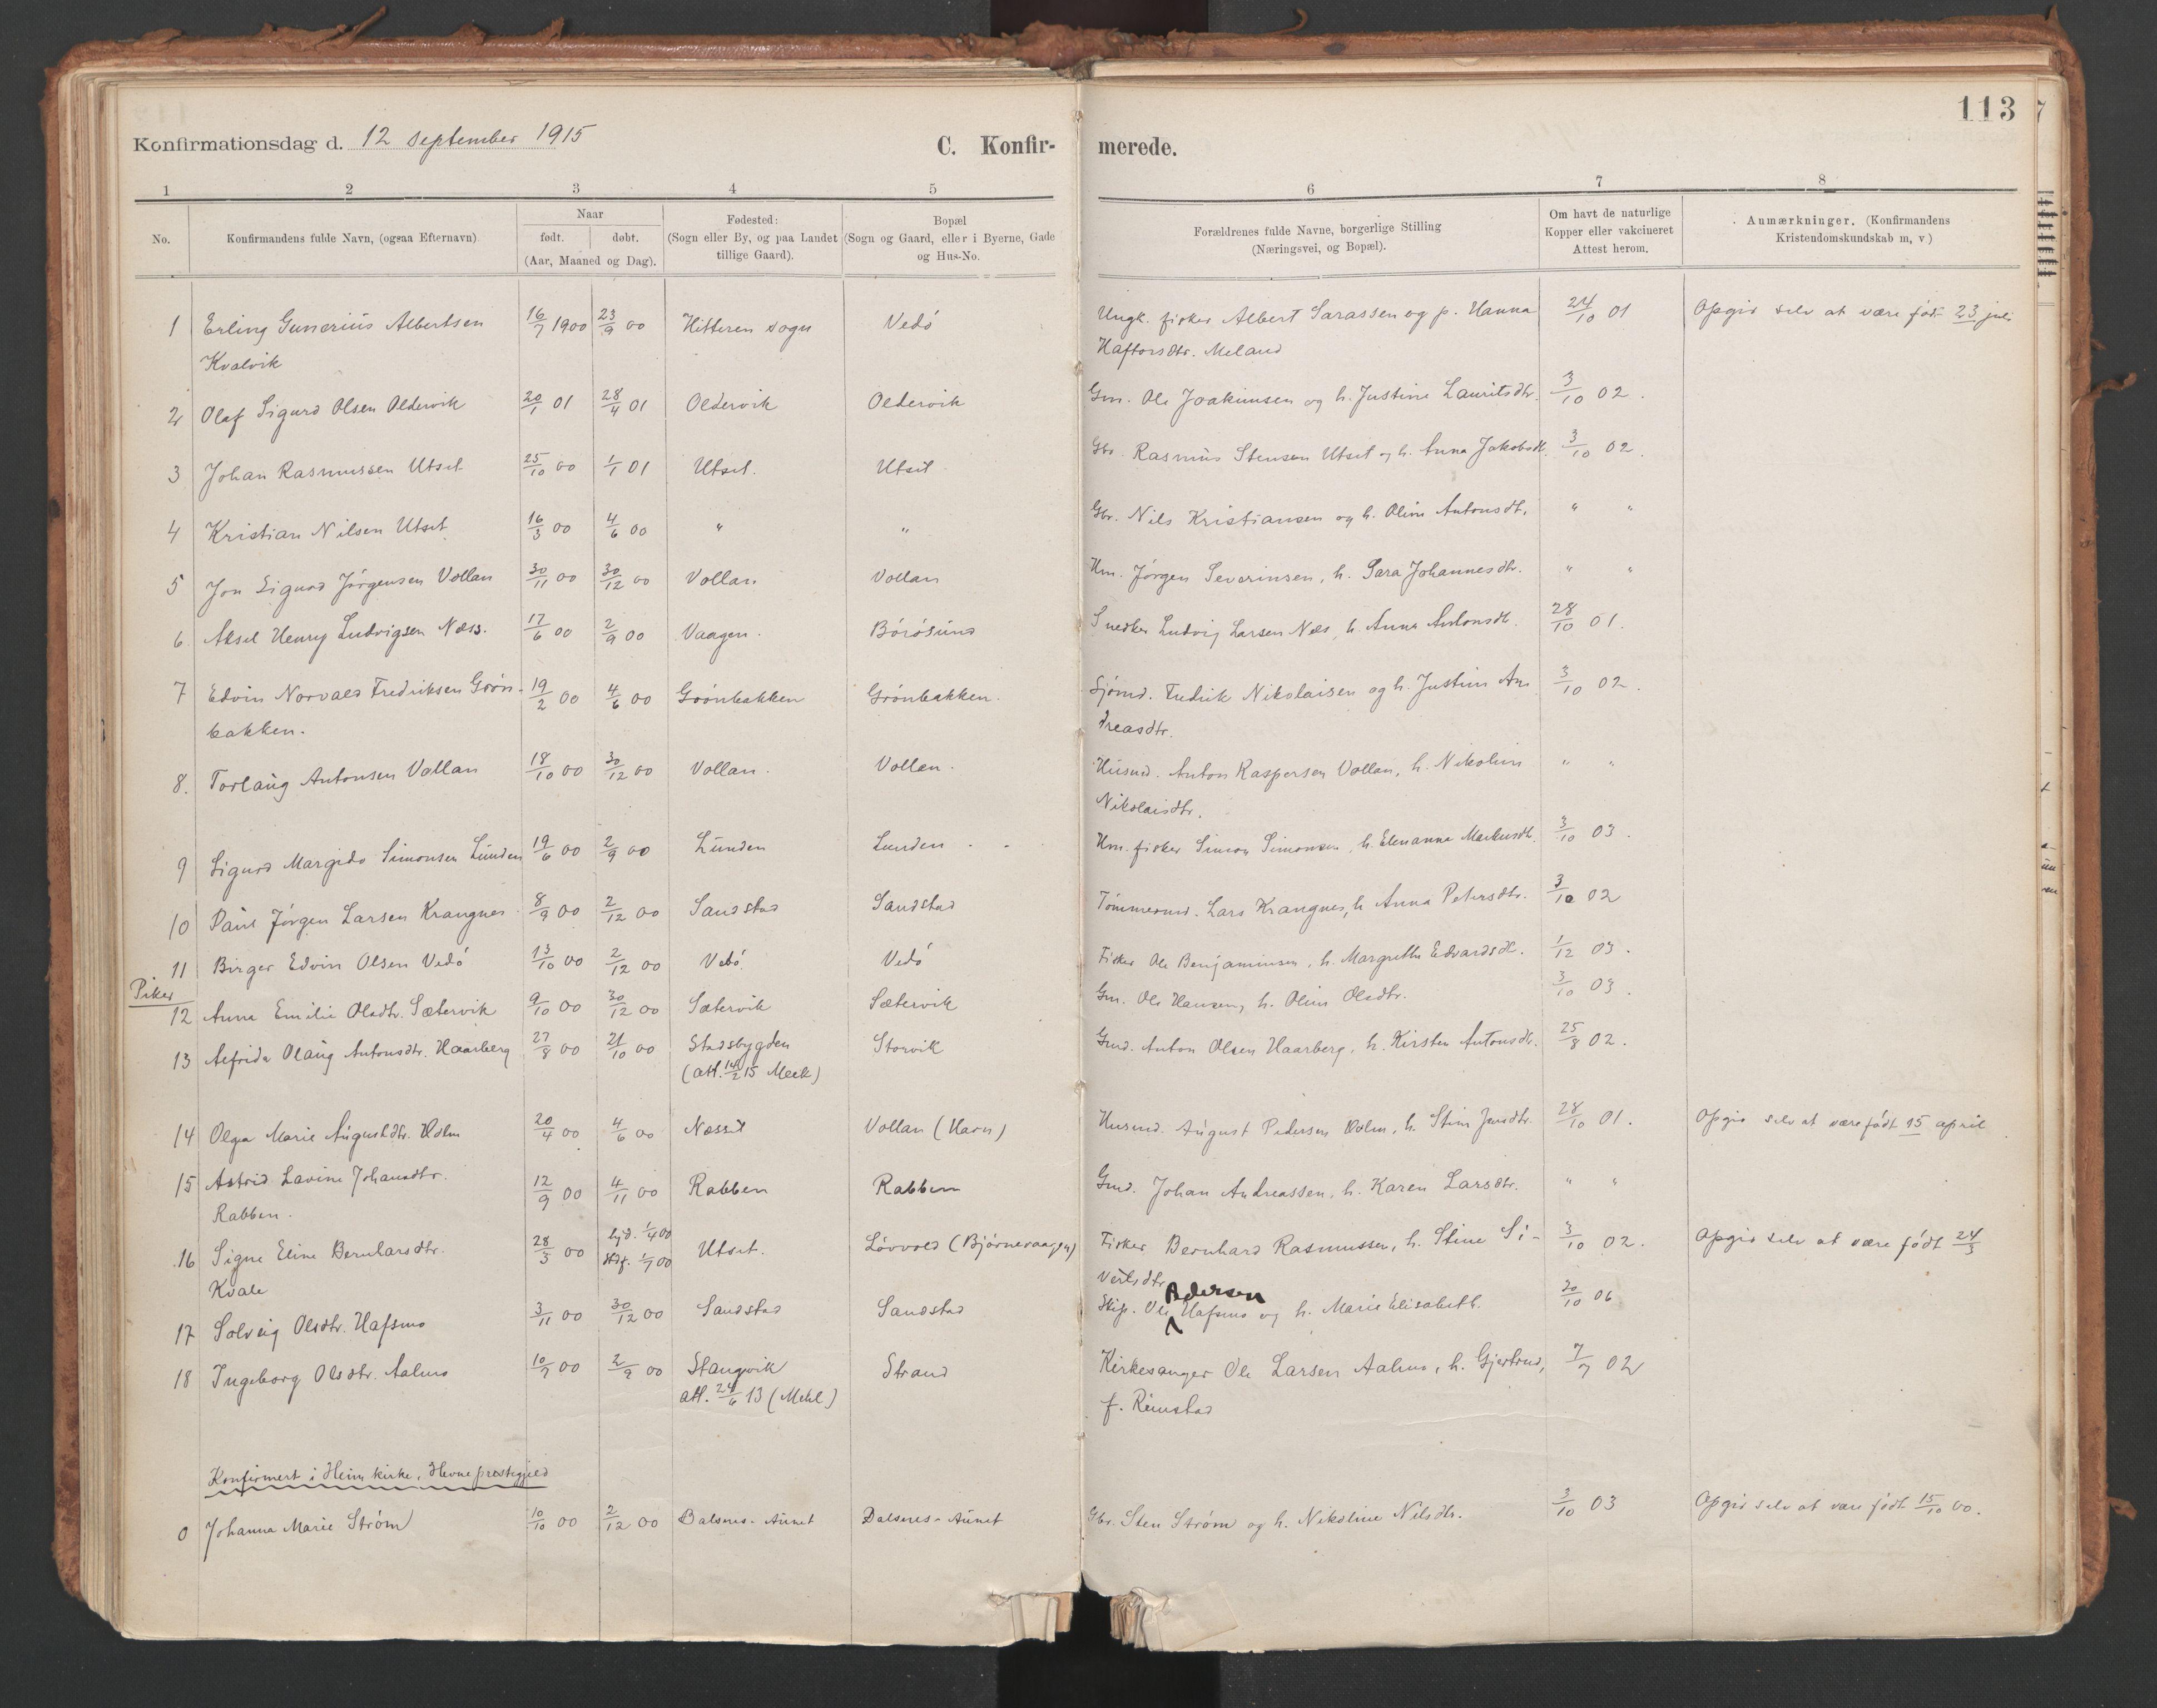 SAT, Ministerialprotokoller, klokkerbøker og fødselsregistre - Sør-Trøndelag, 639/L0572: Ministerialbok nr. 639A01, 1890-1920, s. 113